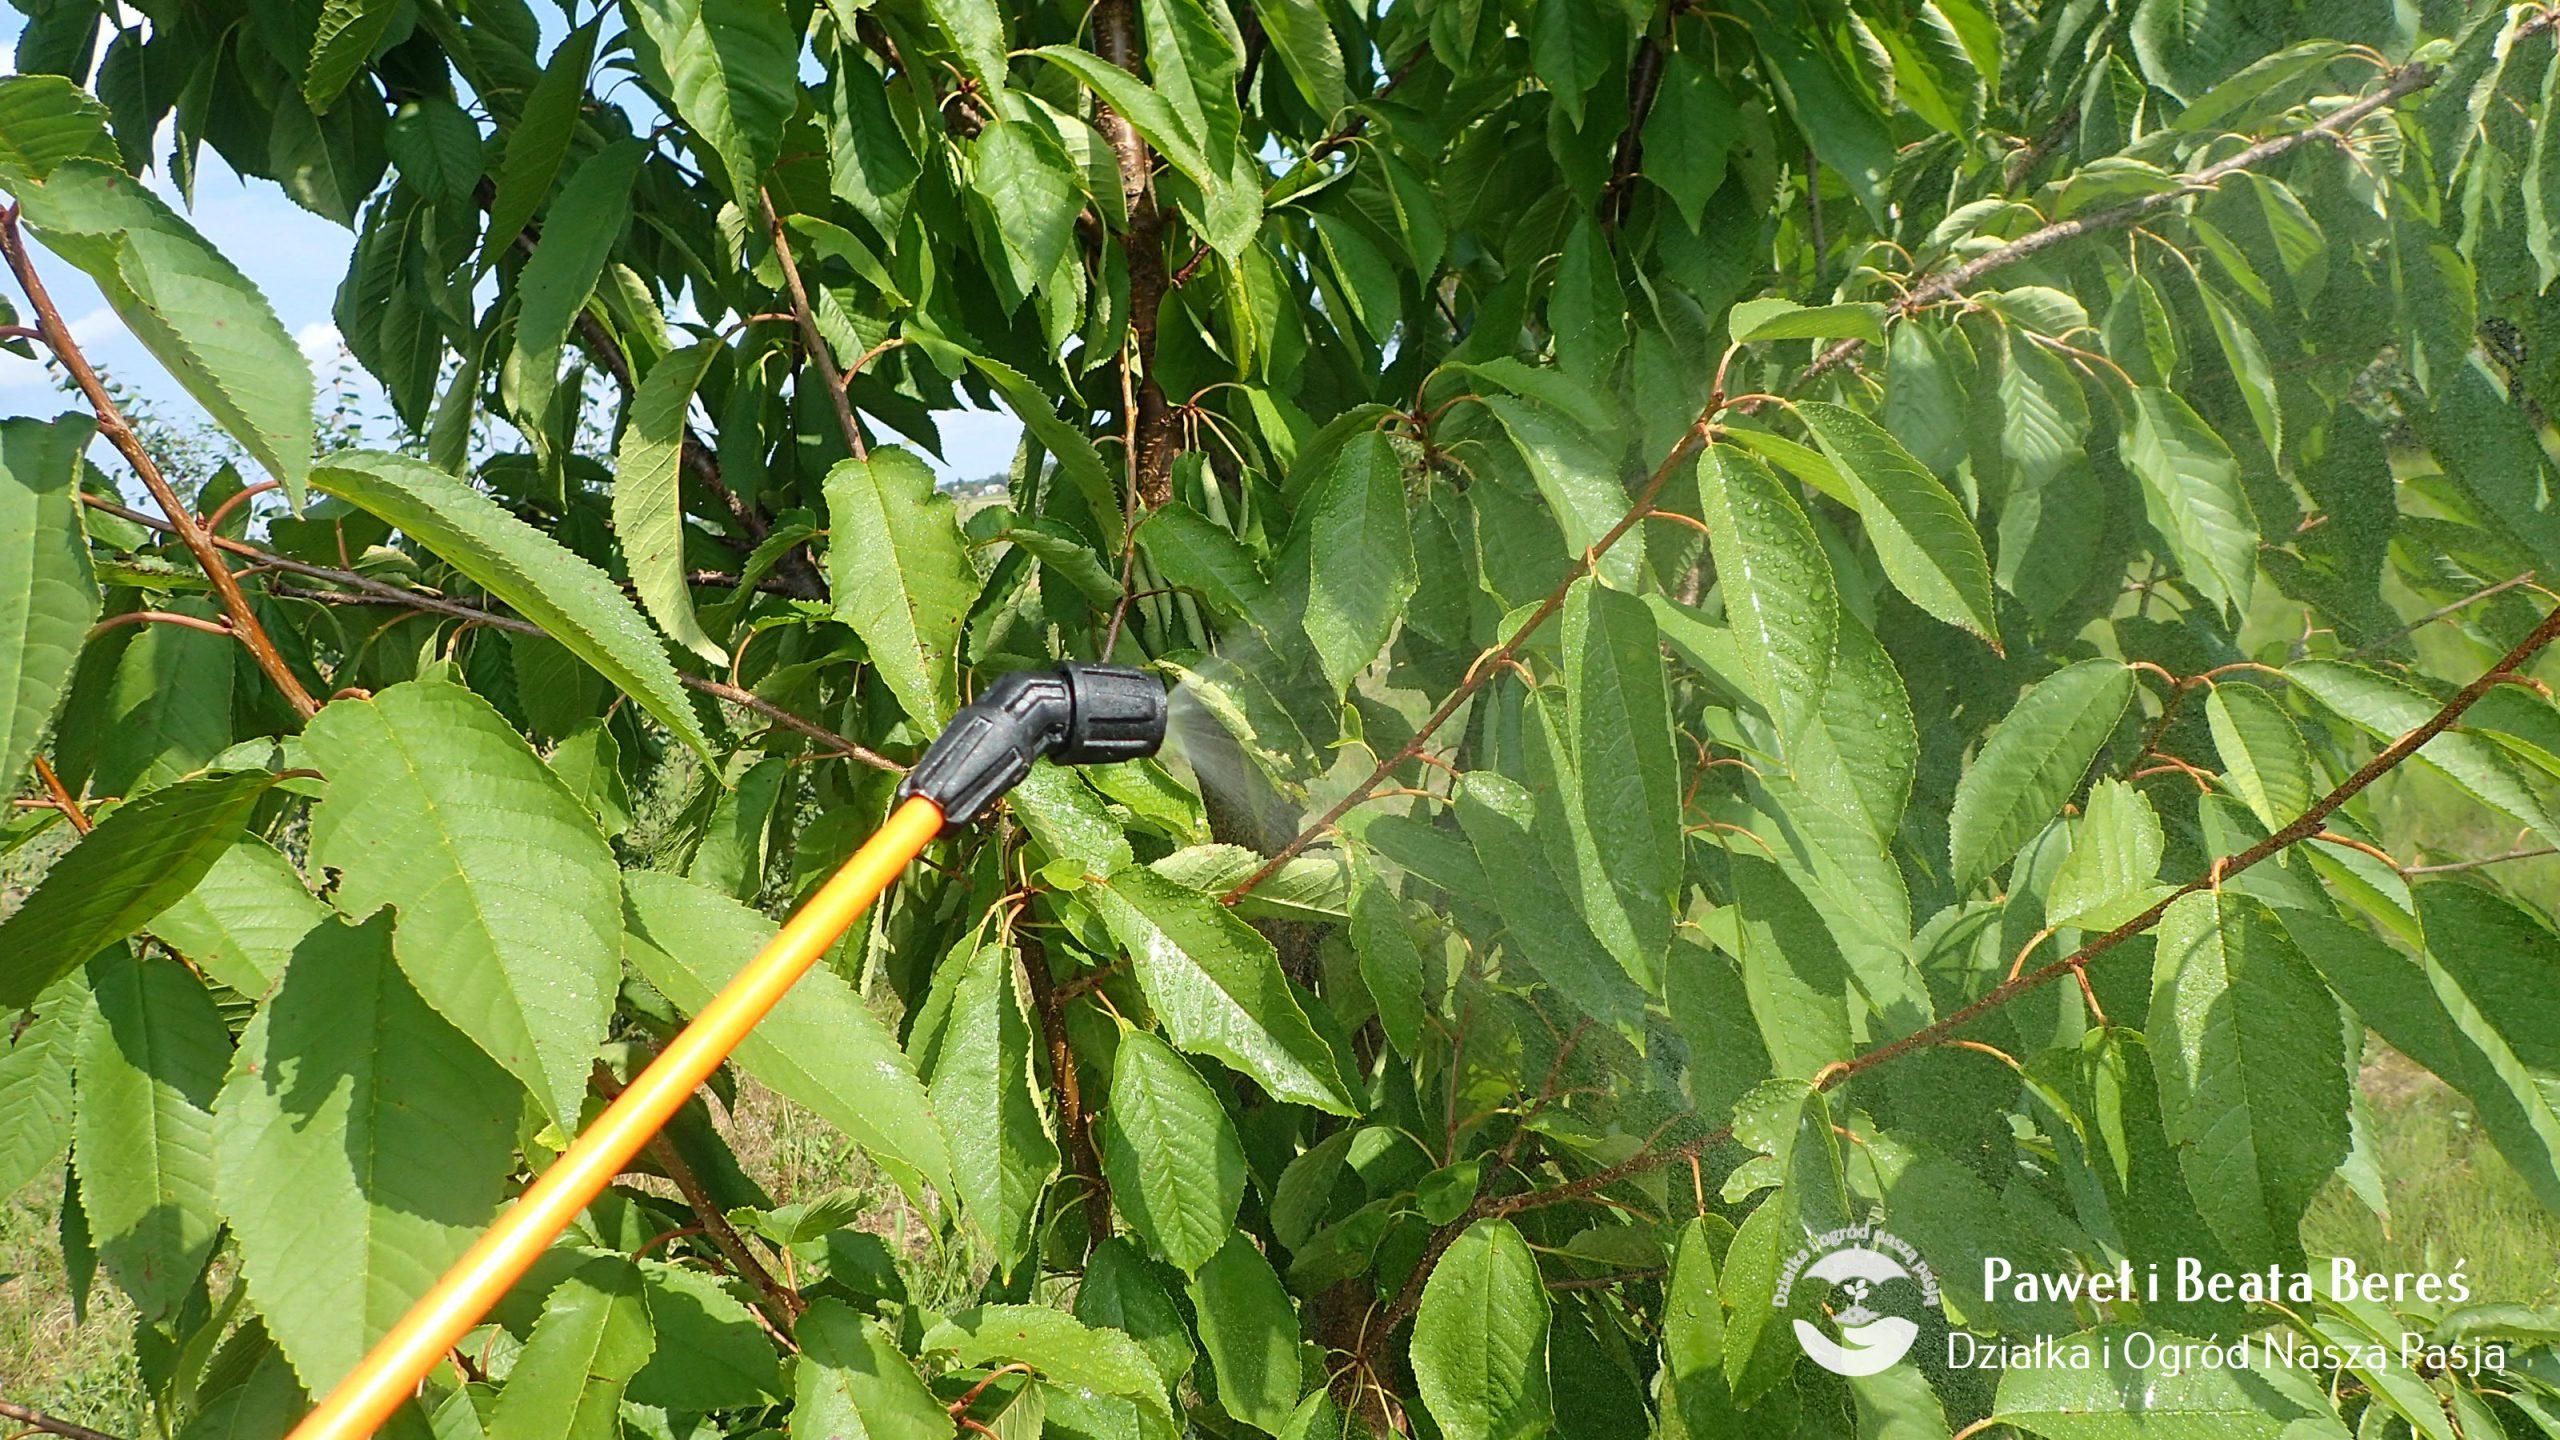 Nawożenie roślin w ogrodzie mocznikiem